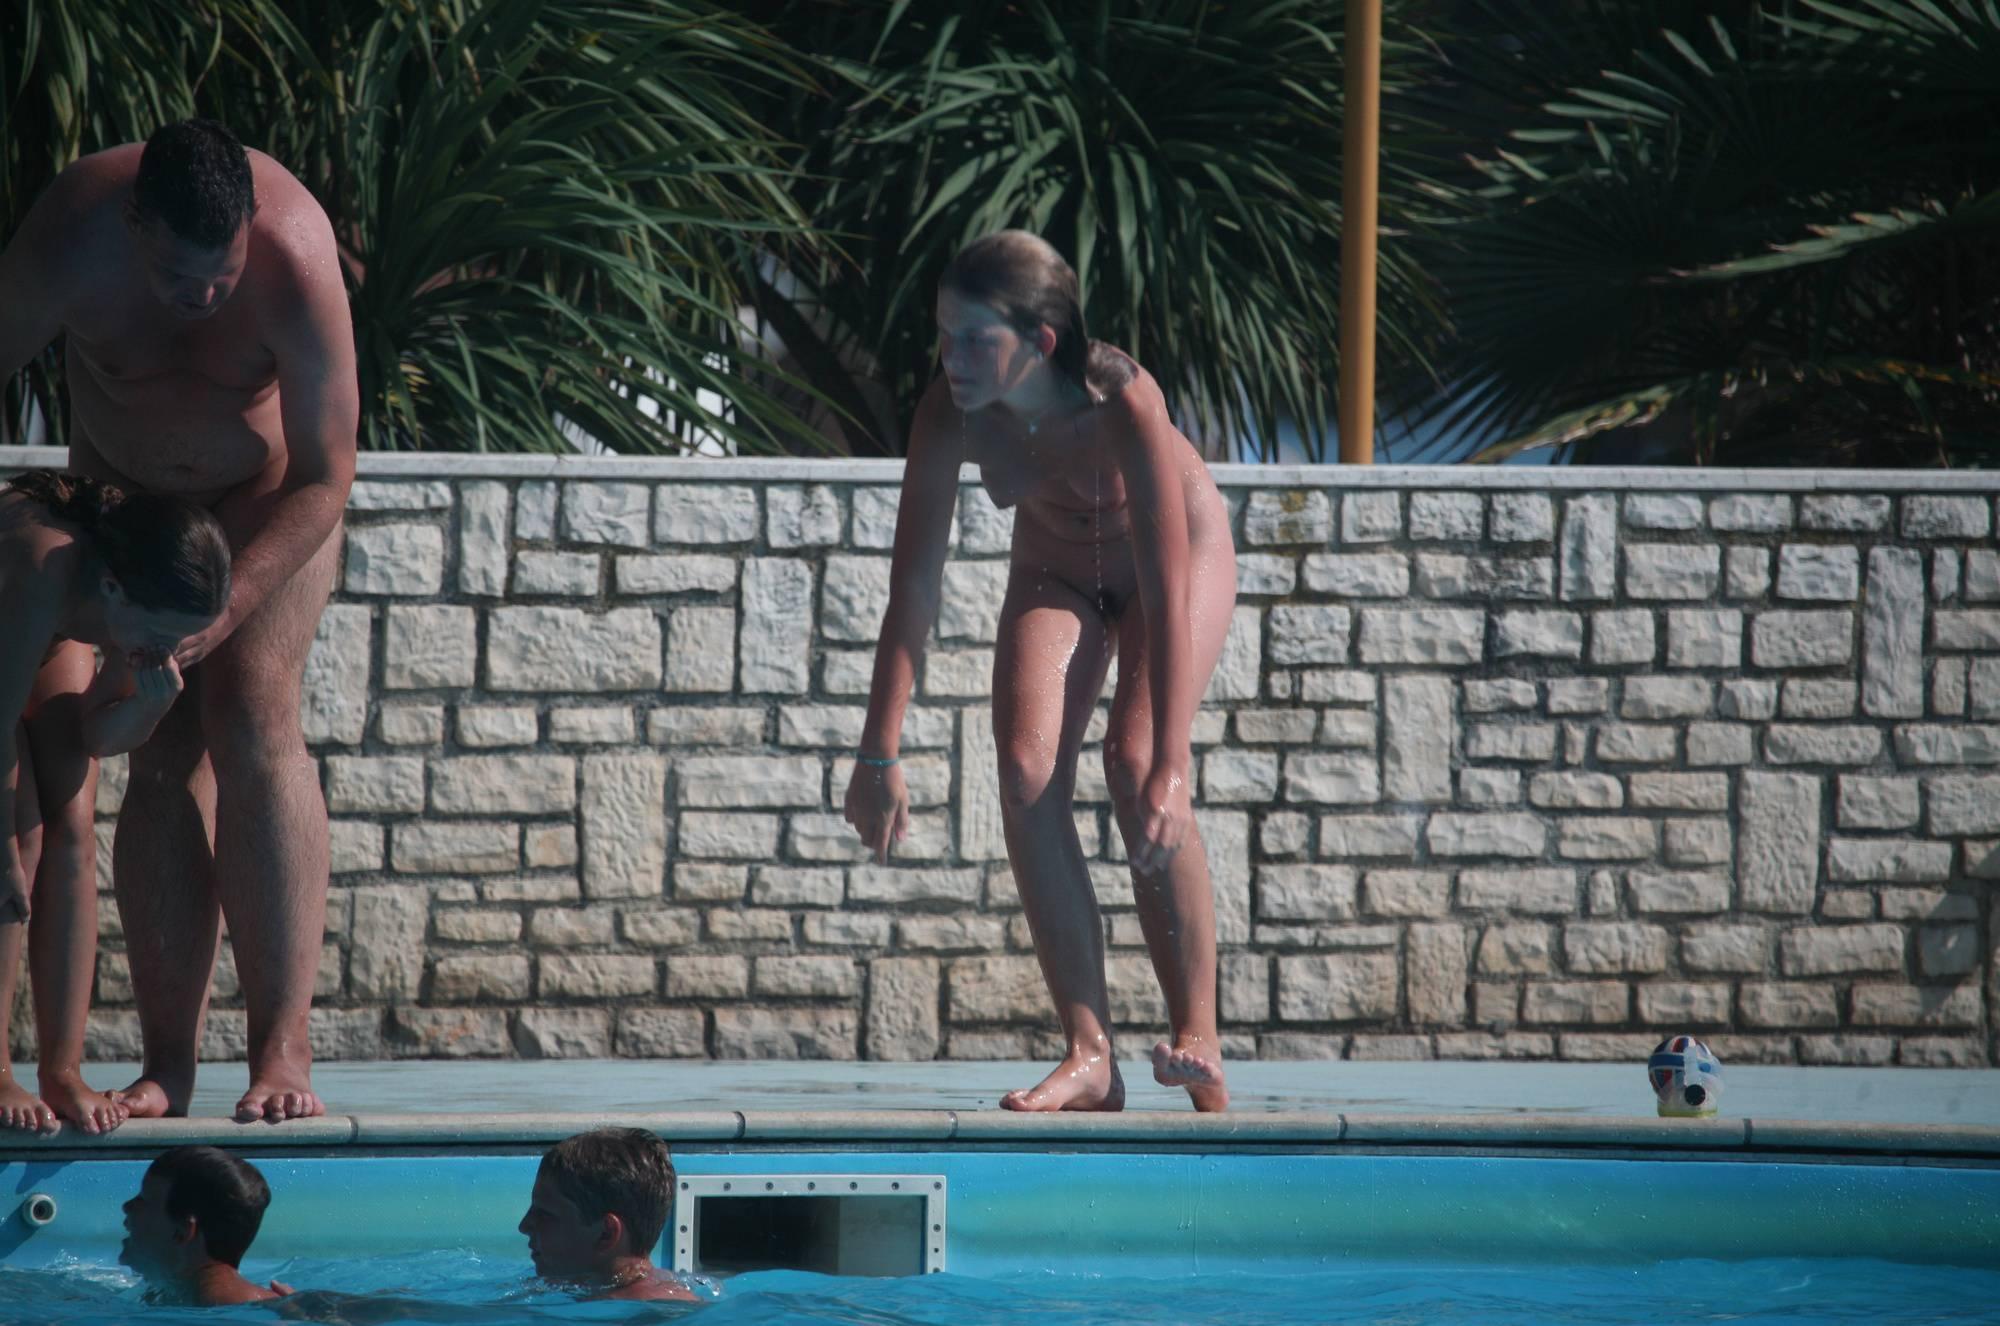 Pure Nudism Gallery-Pool Teenager Chaperon - 1